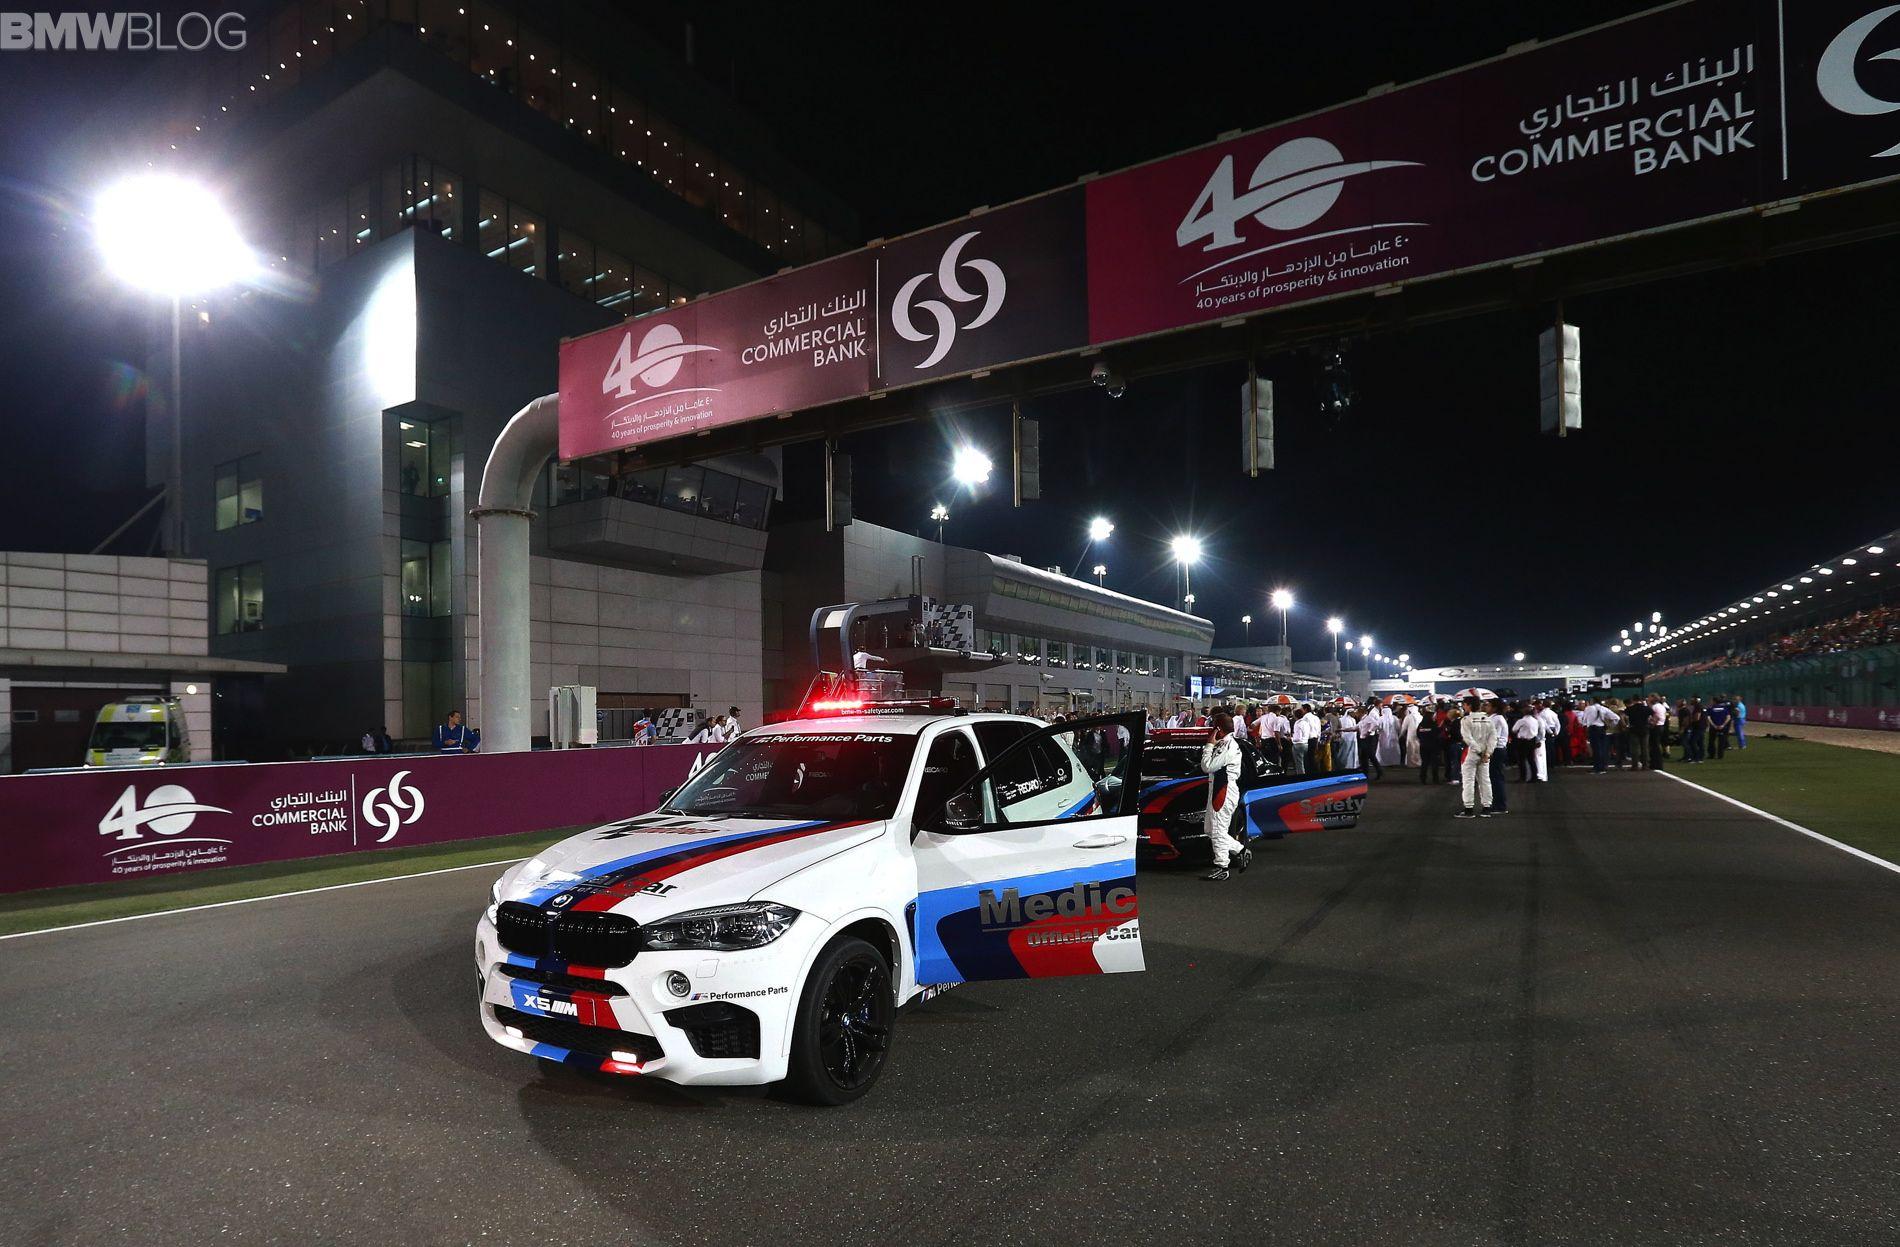 Bmw M4 Motogp Safety Car And Bmw X5 M Medical Debut In Qatar Bmw X5 M Bmw M4 Bmw